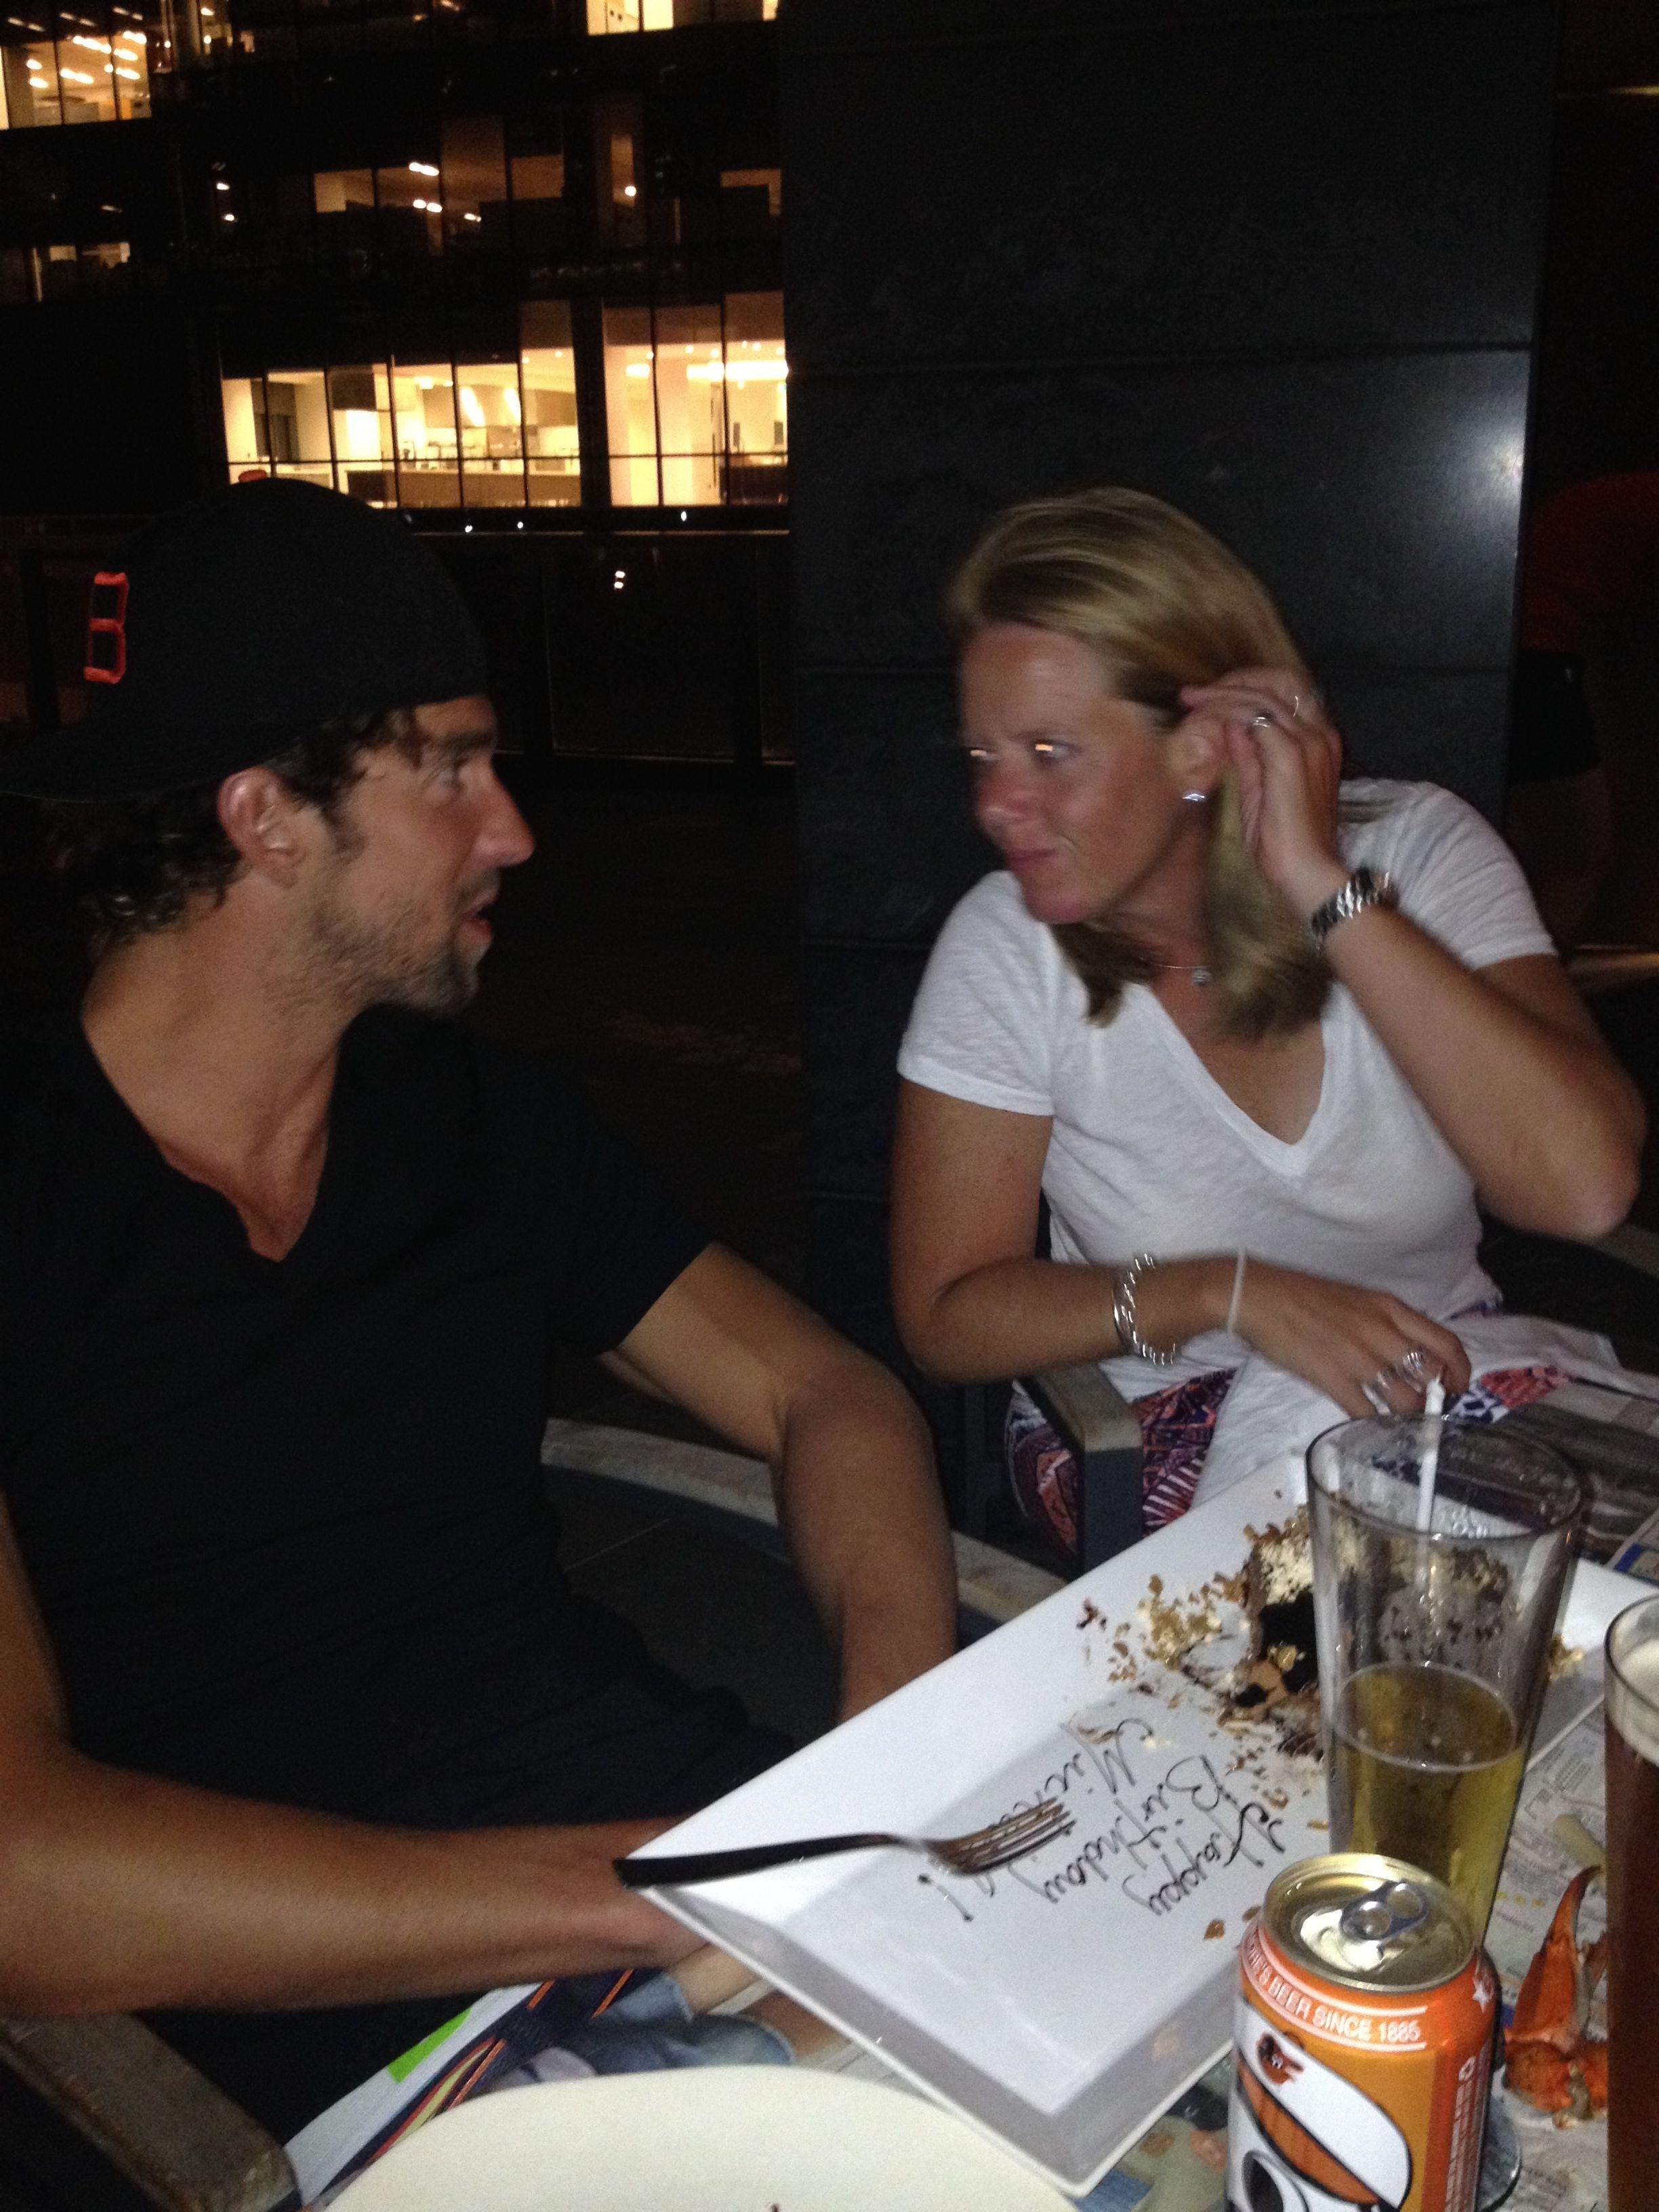 MP and Lisa